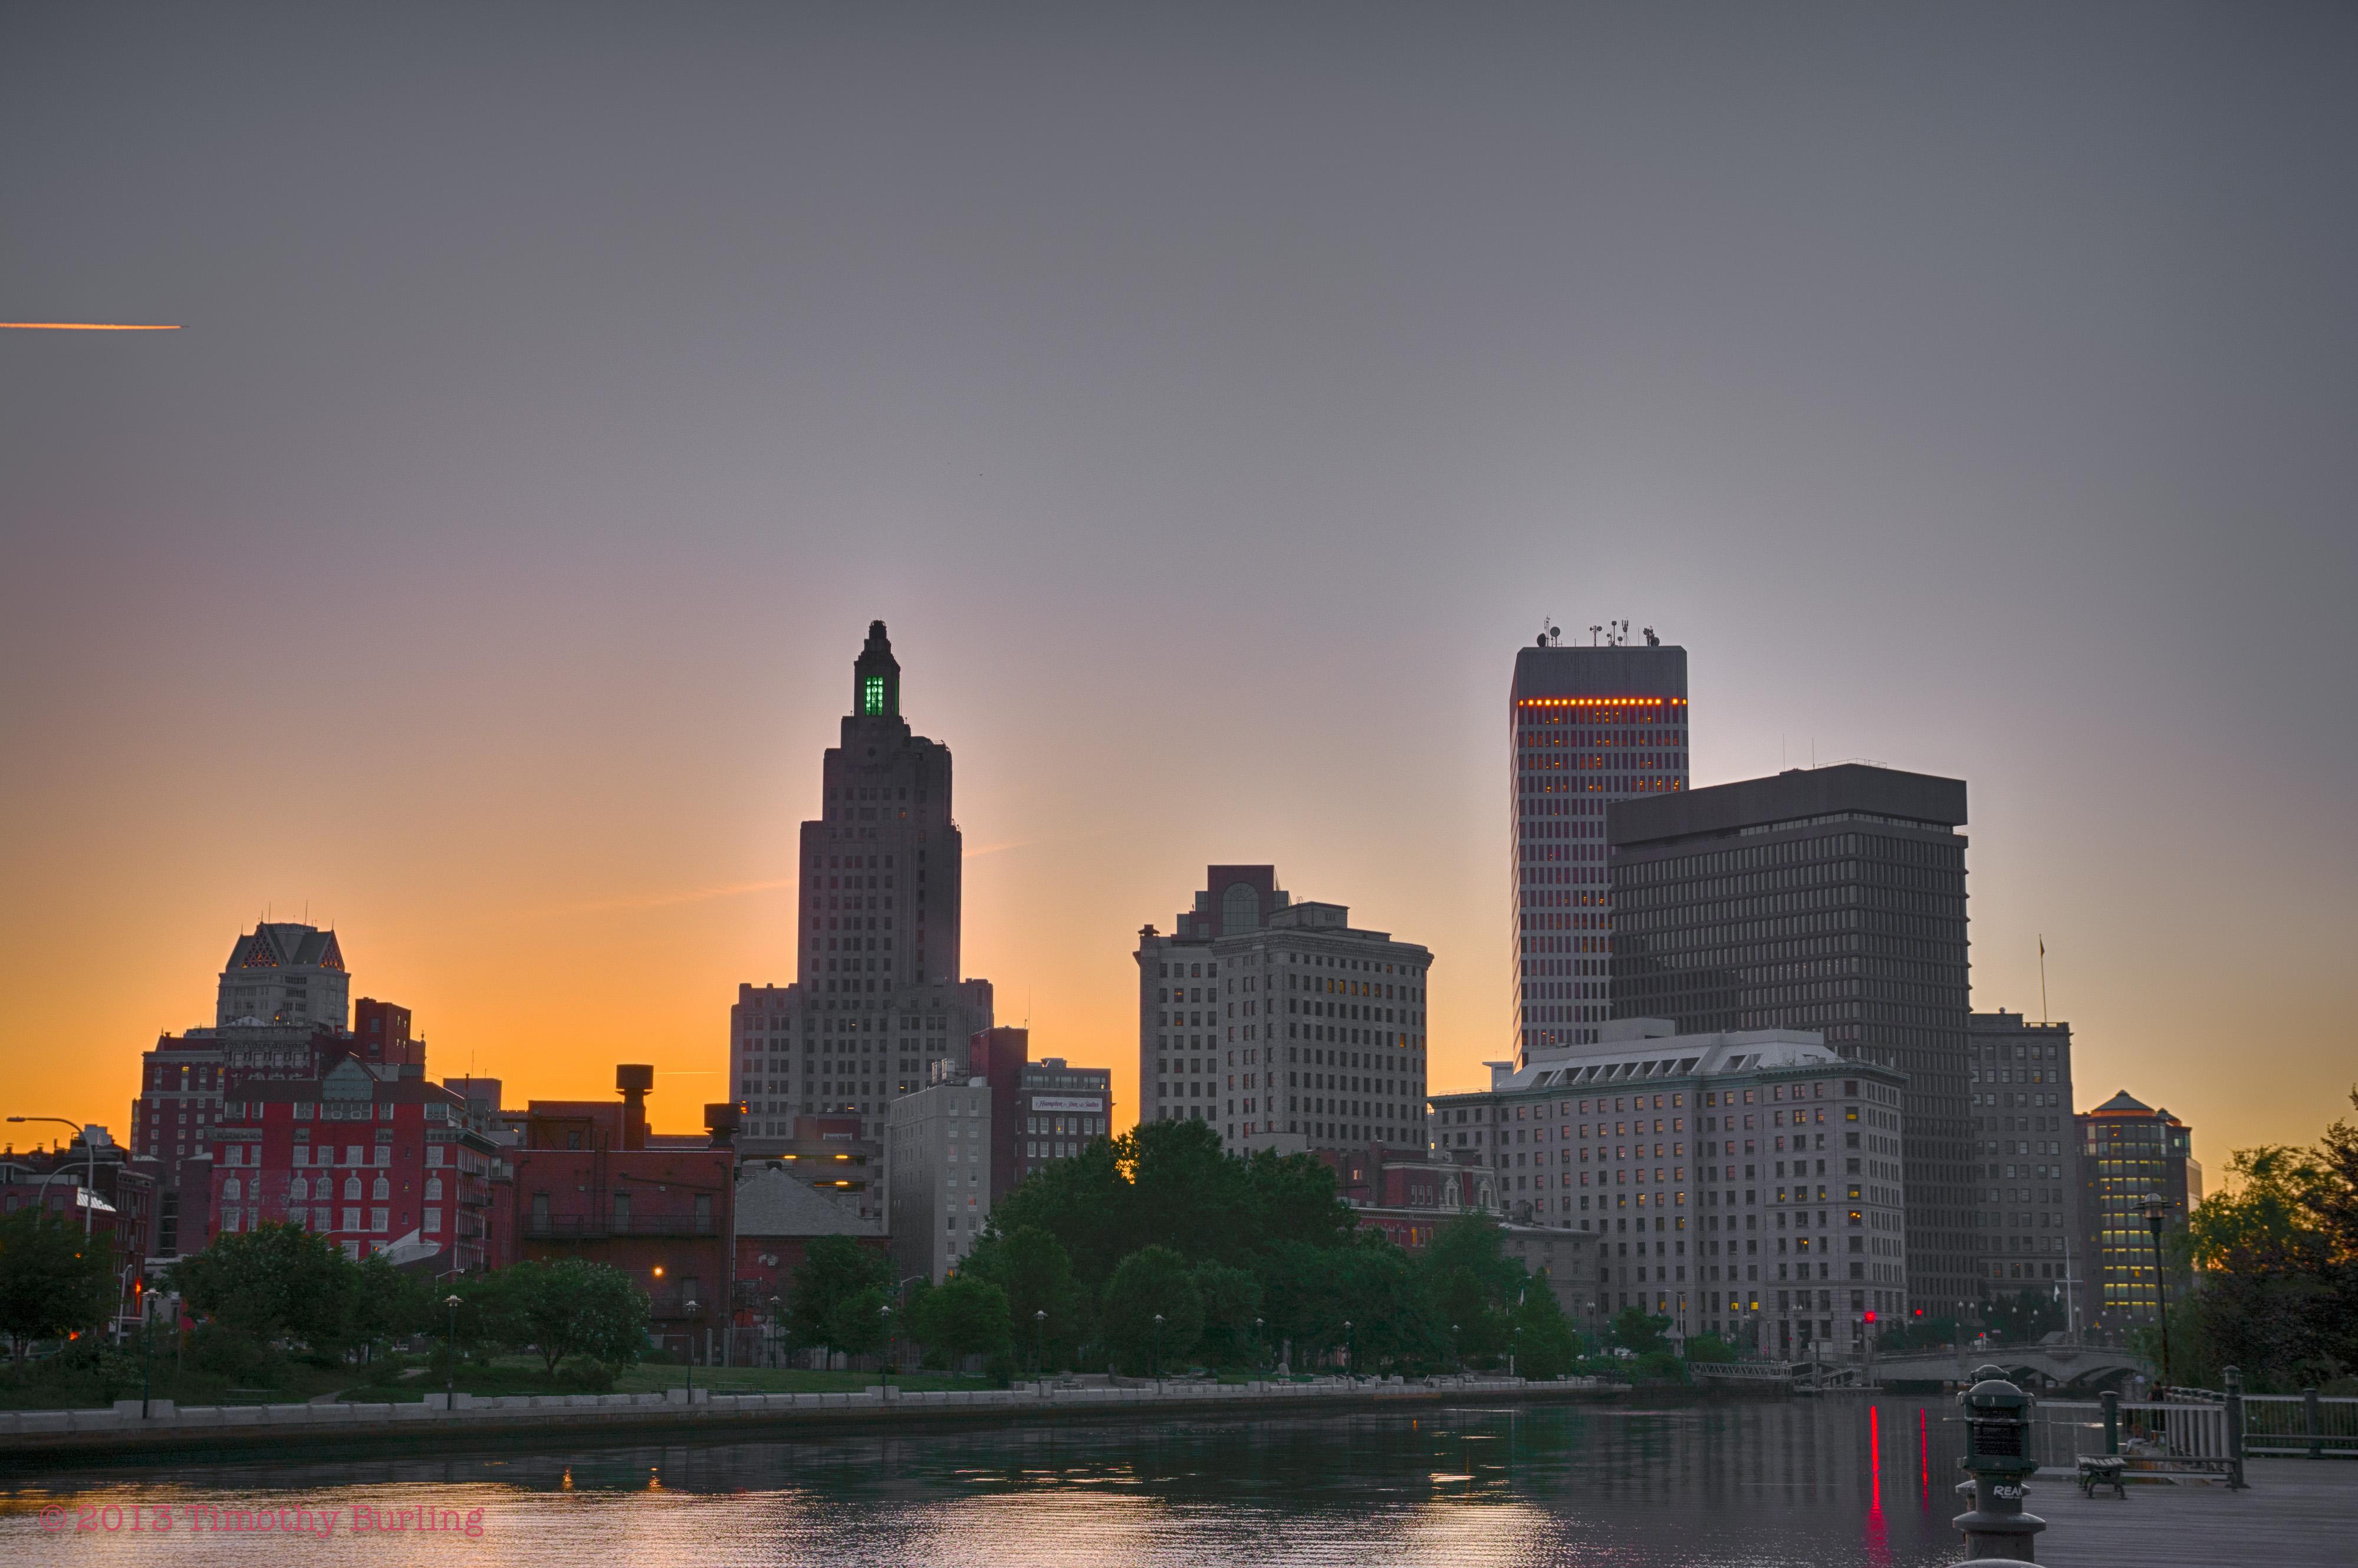 Providence evening skyline